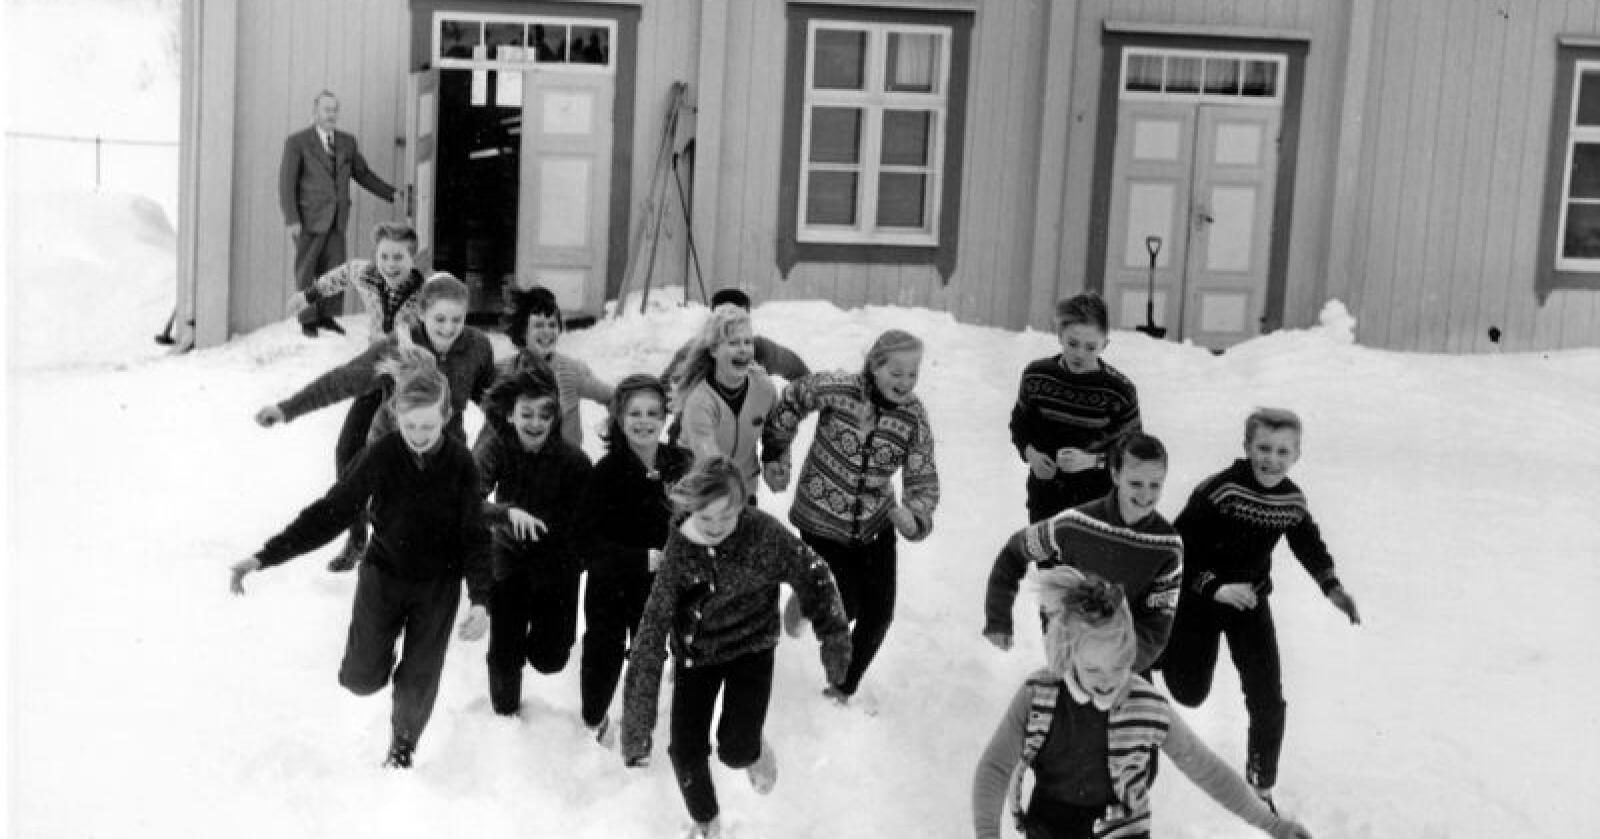 Kampen for grendeskolen har lange tradisjoner i norsk distriktsdebatt. Bildet viser en privat skole i Vats i Hallingdal i 1962. Foto: Aage Storløkken / Aktuell / NTB scanpix